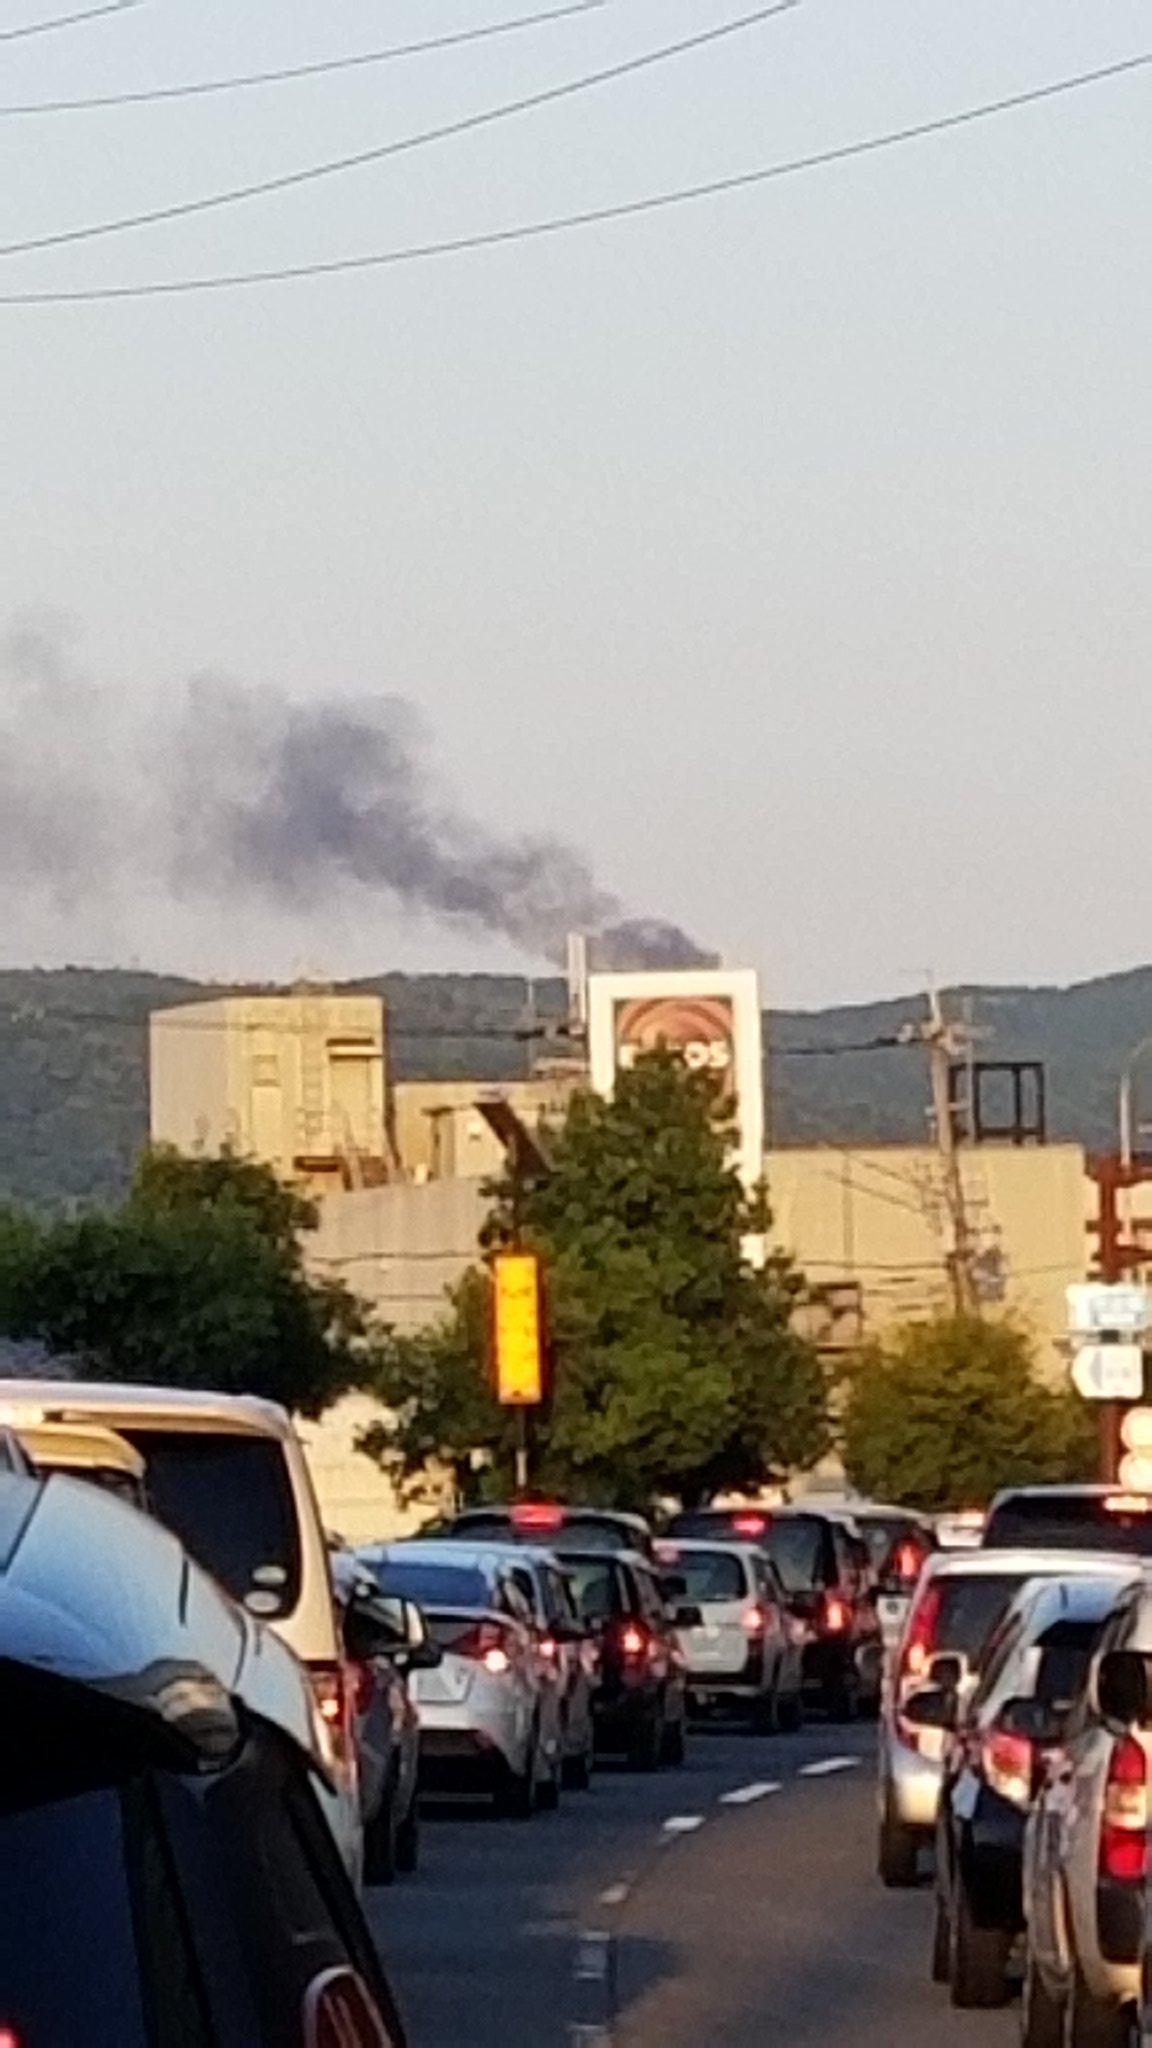 画像,山の向こう、火事では⁉️ https://t.co/MHL8jeebJW。